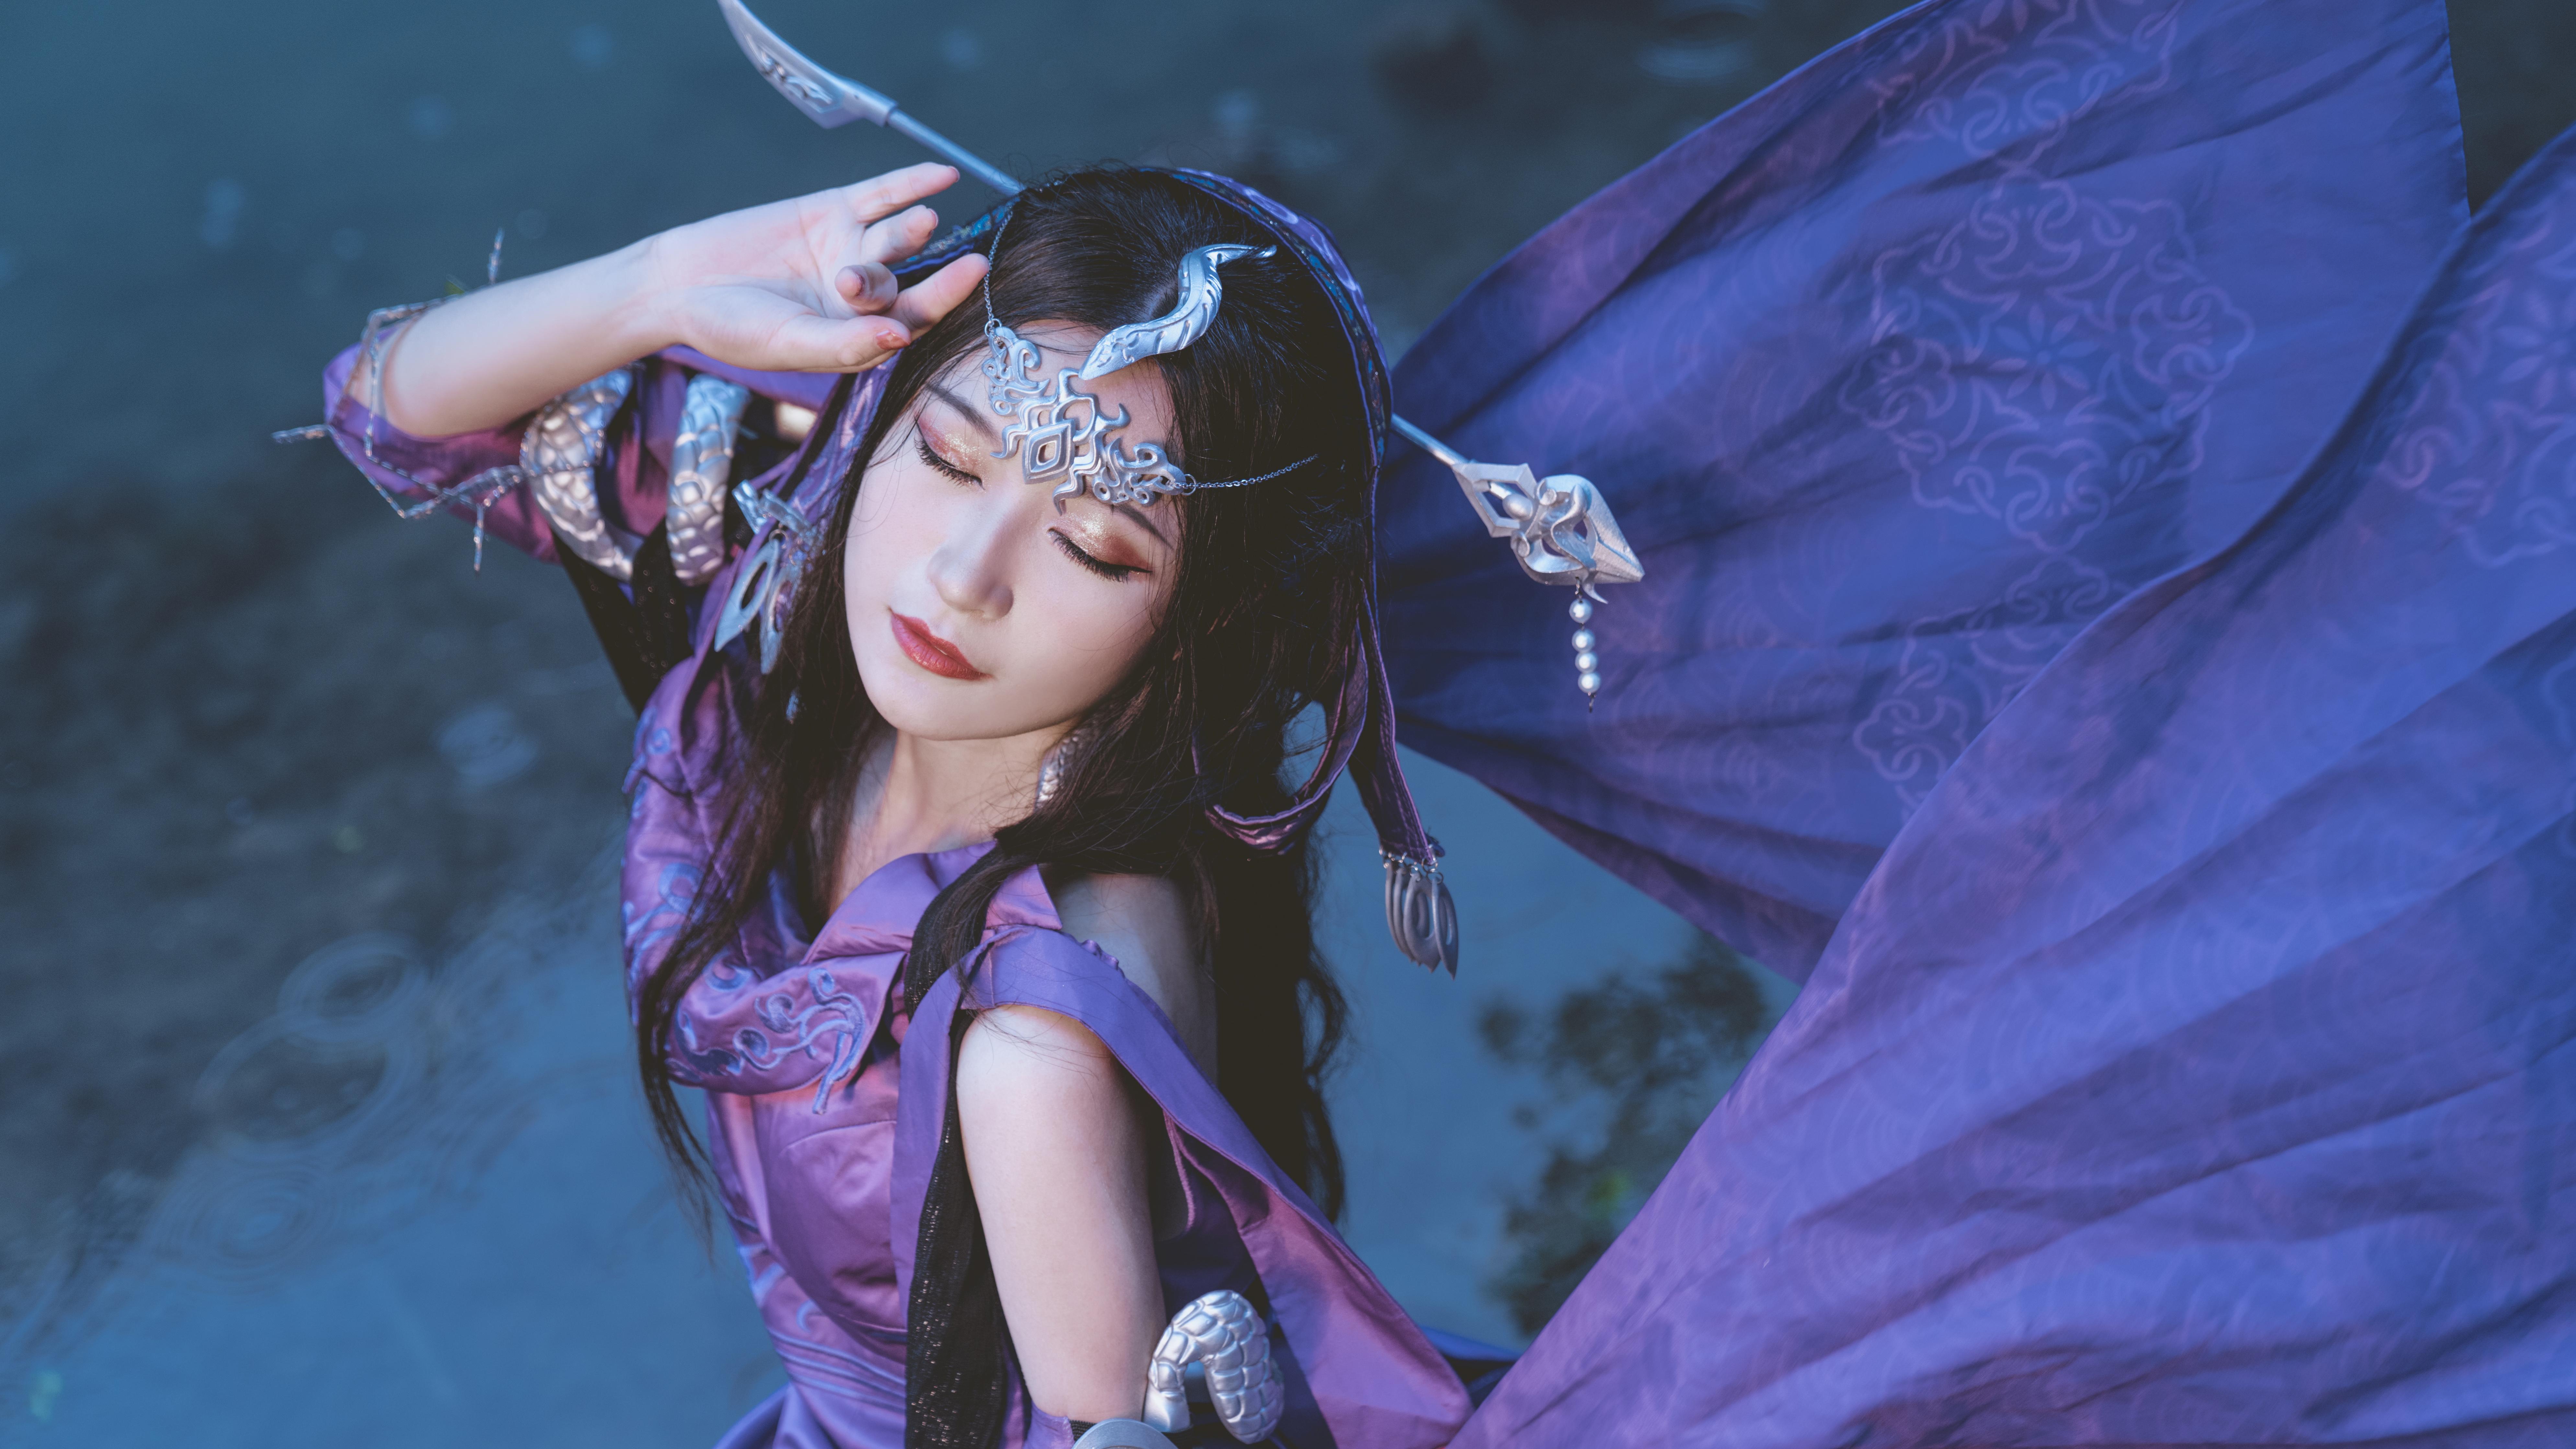 《剑侠情缘网络版叁》游戏cosplay【CN:挽挽今天修图了么】-第3张